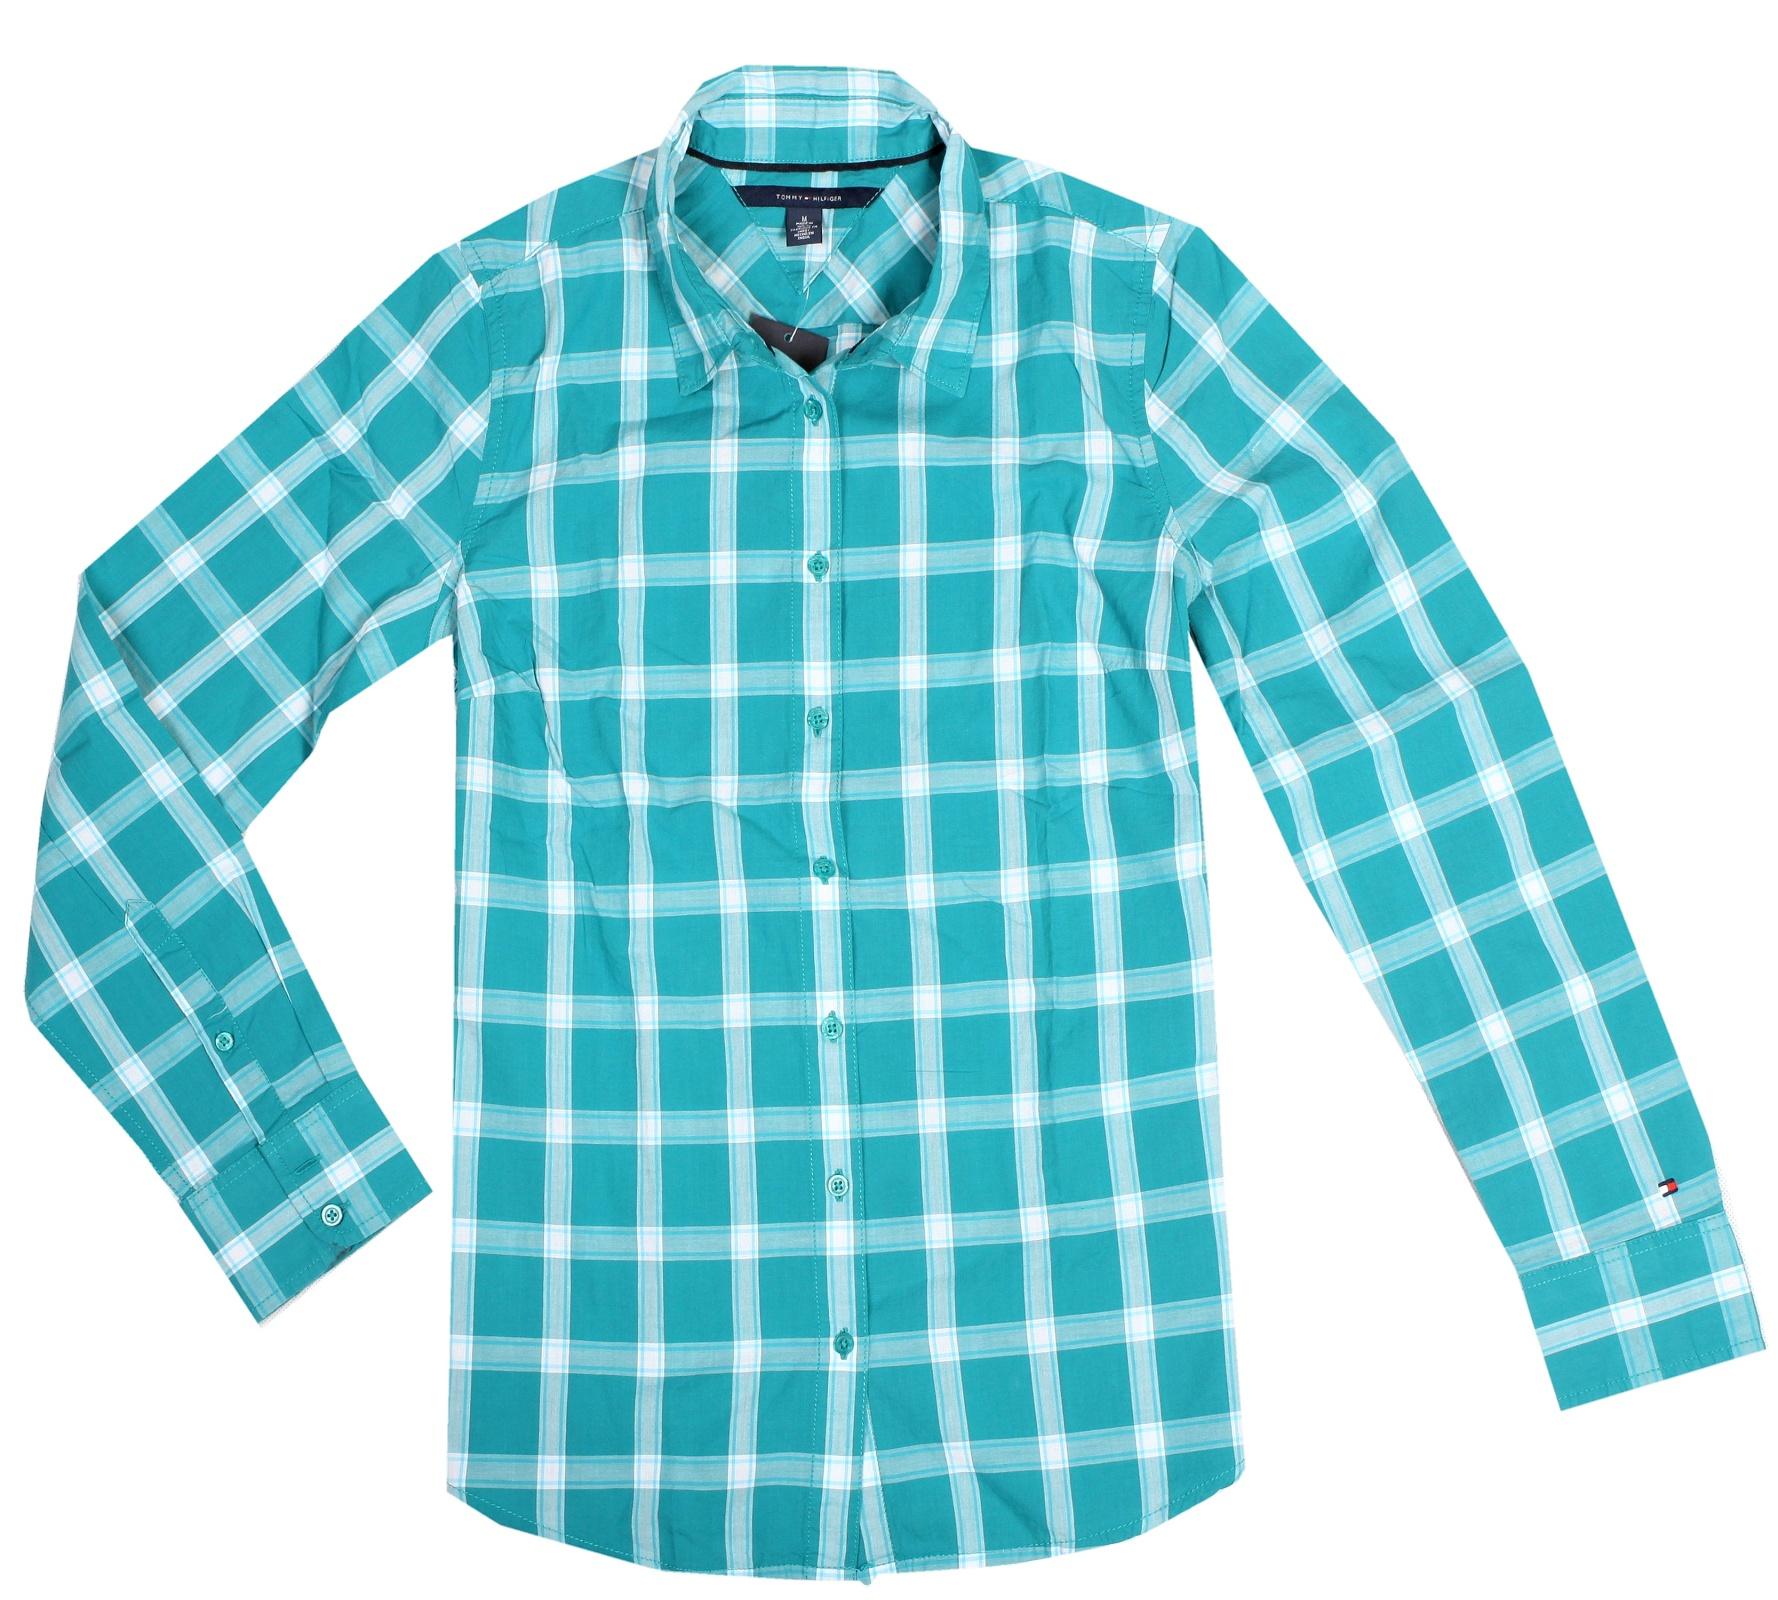 06e9b886850 Tommy Hilfiger dámská košile 516446 - Glami.cz